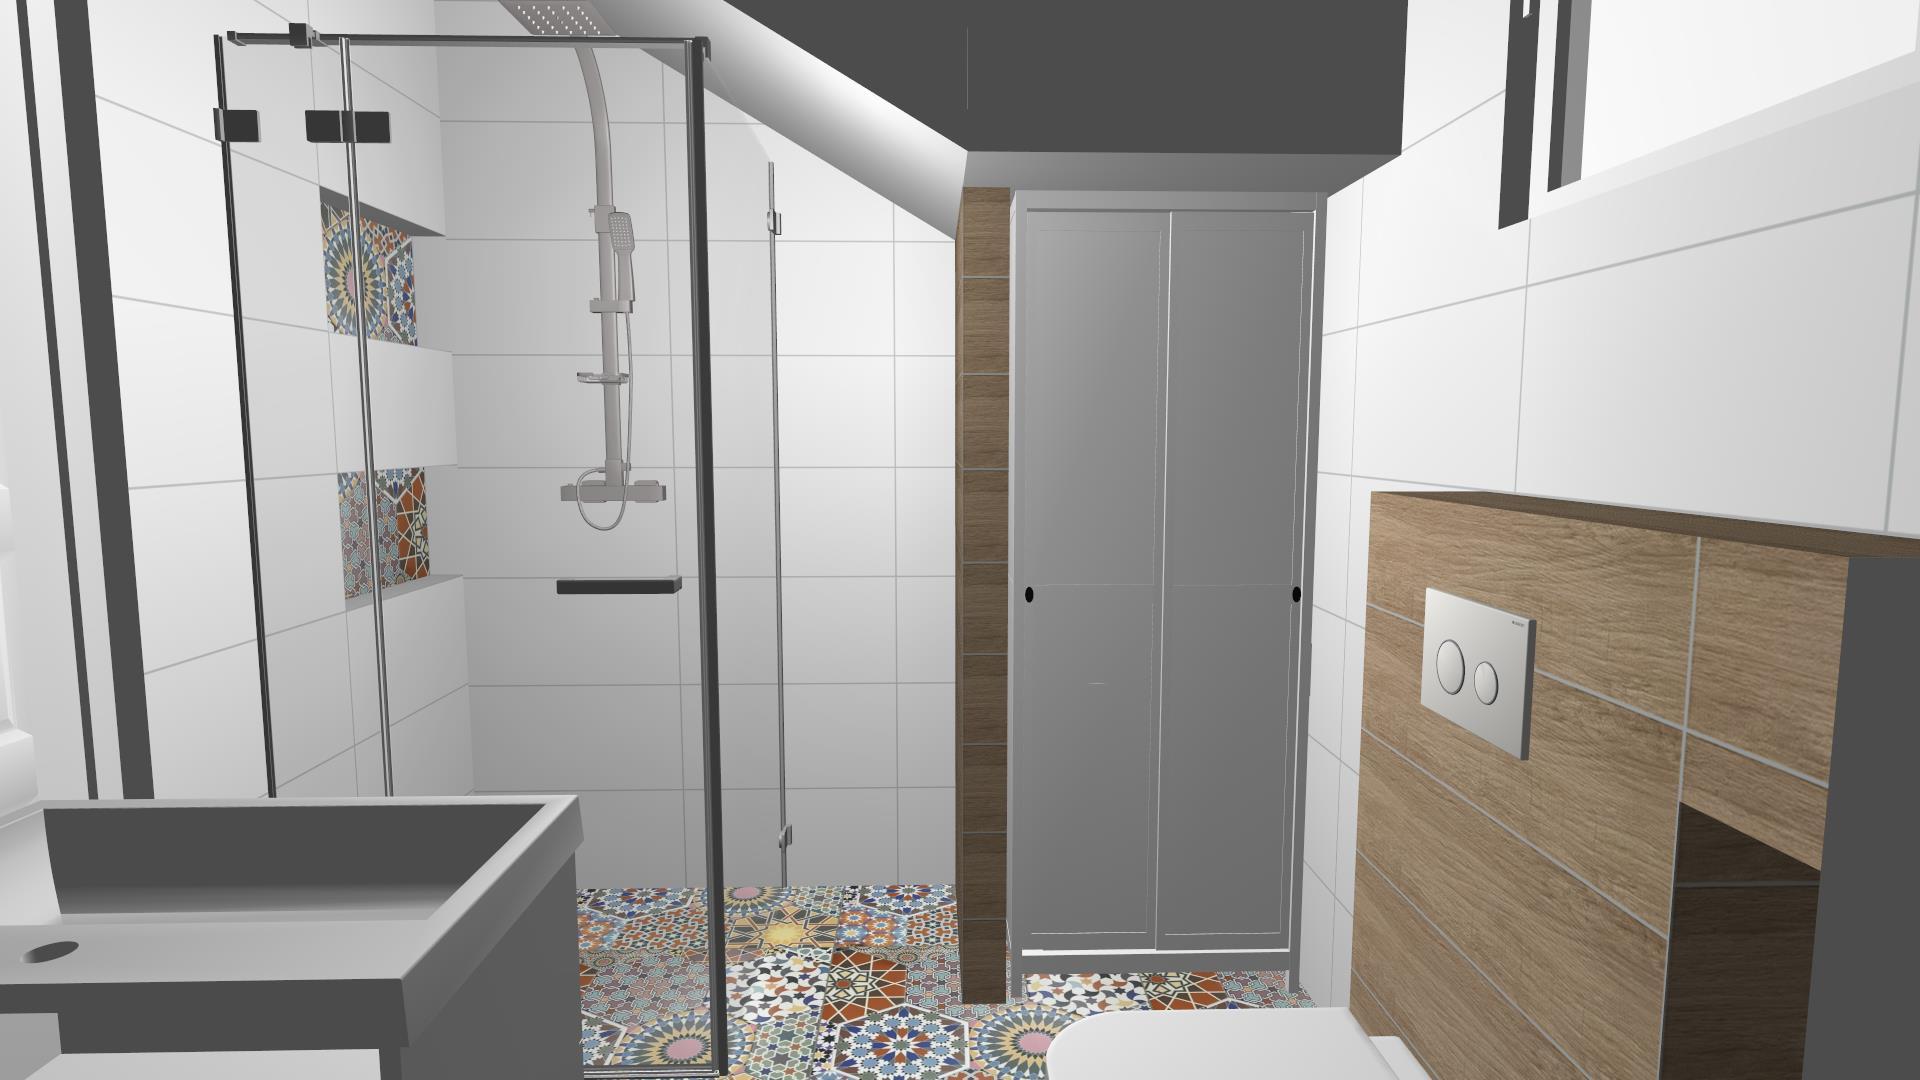 Płytki łazienki Taniej O Vat Do 3009100 Nowych Wzorów